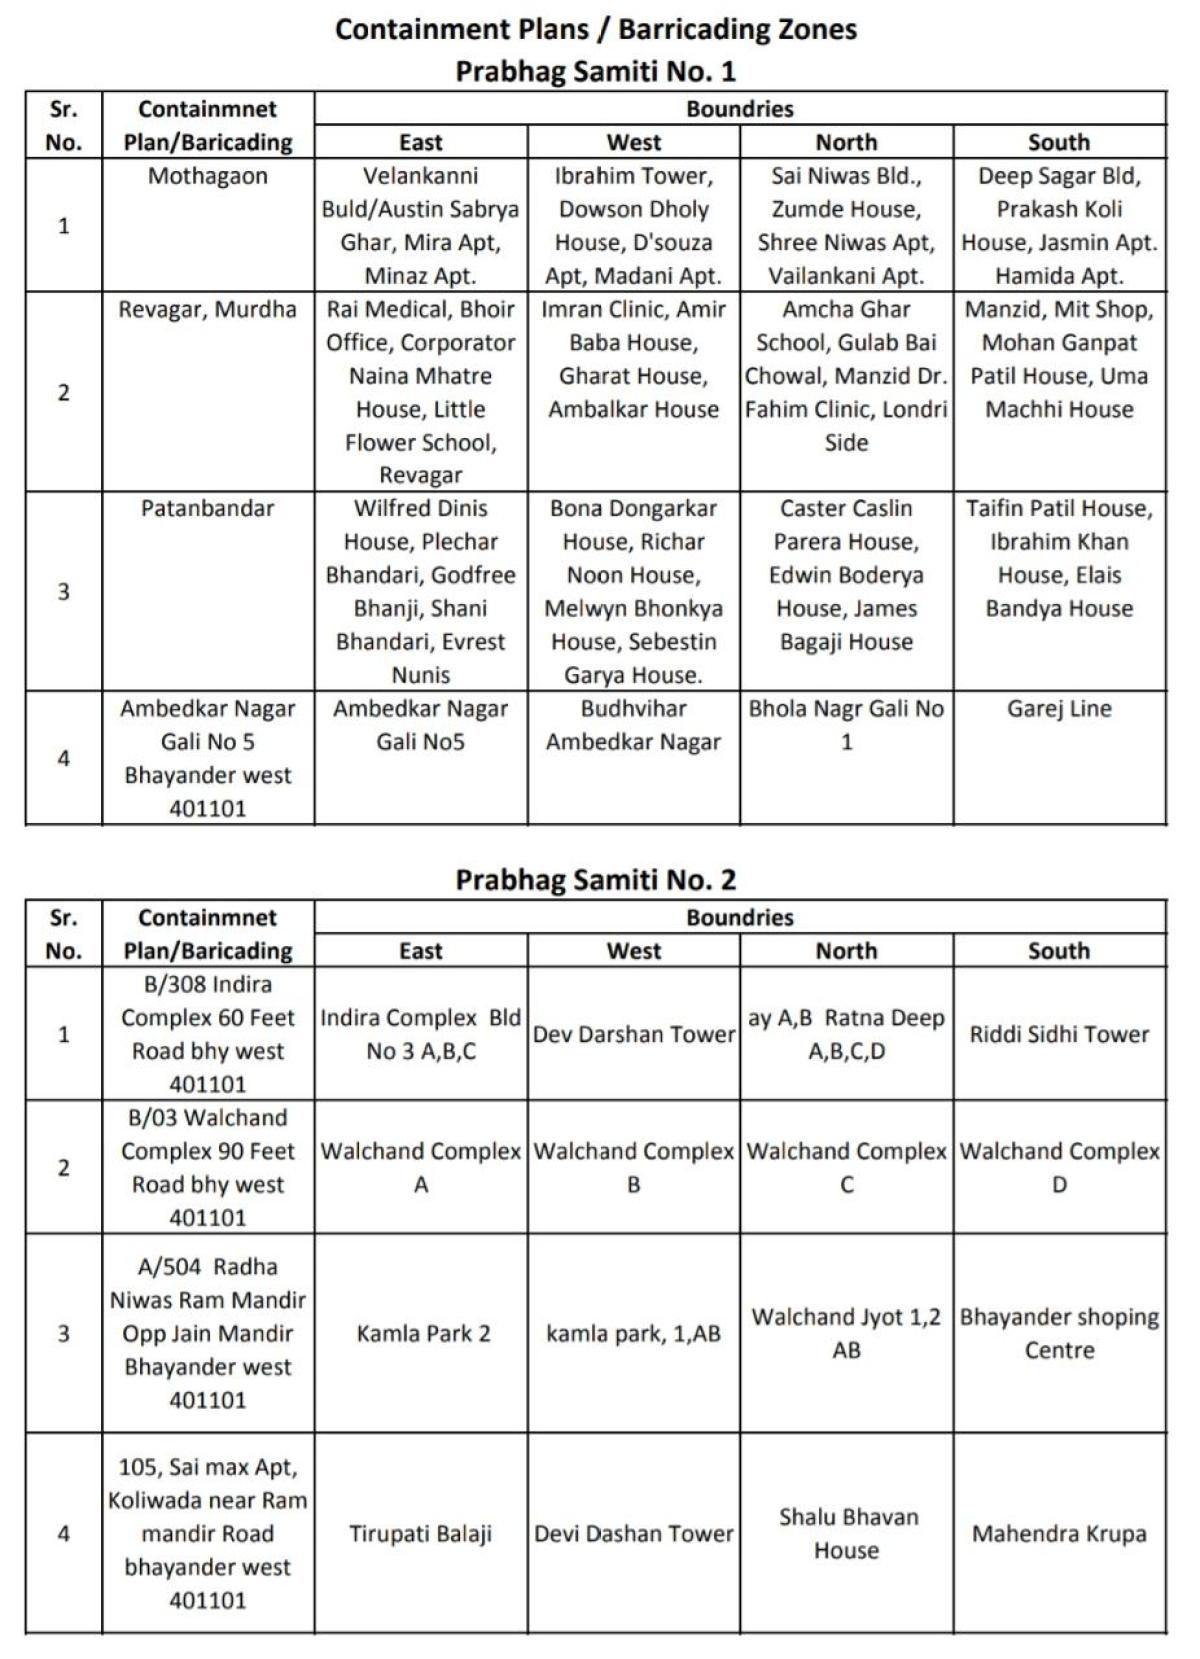 Coronavirus in Mumbai, Thane, Navi Mumbai, Mira-Bhayander: Full list of containment zones